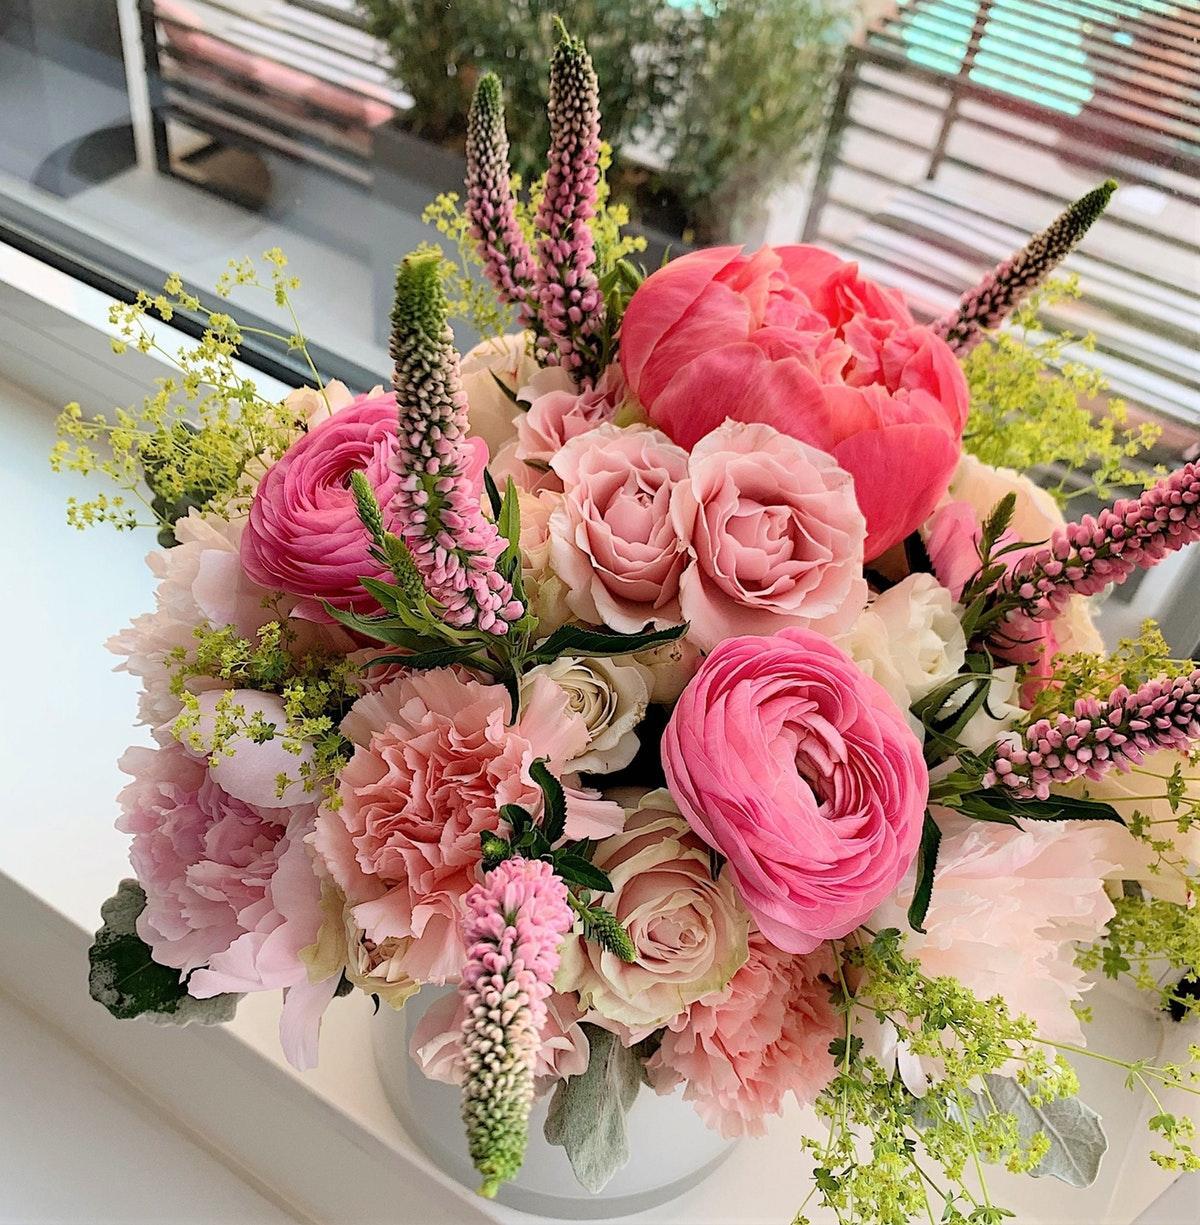 bloomie_new_york_florist_pink_flowers